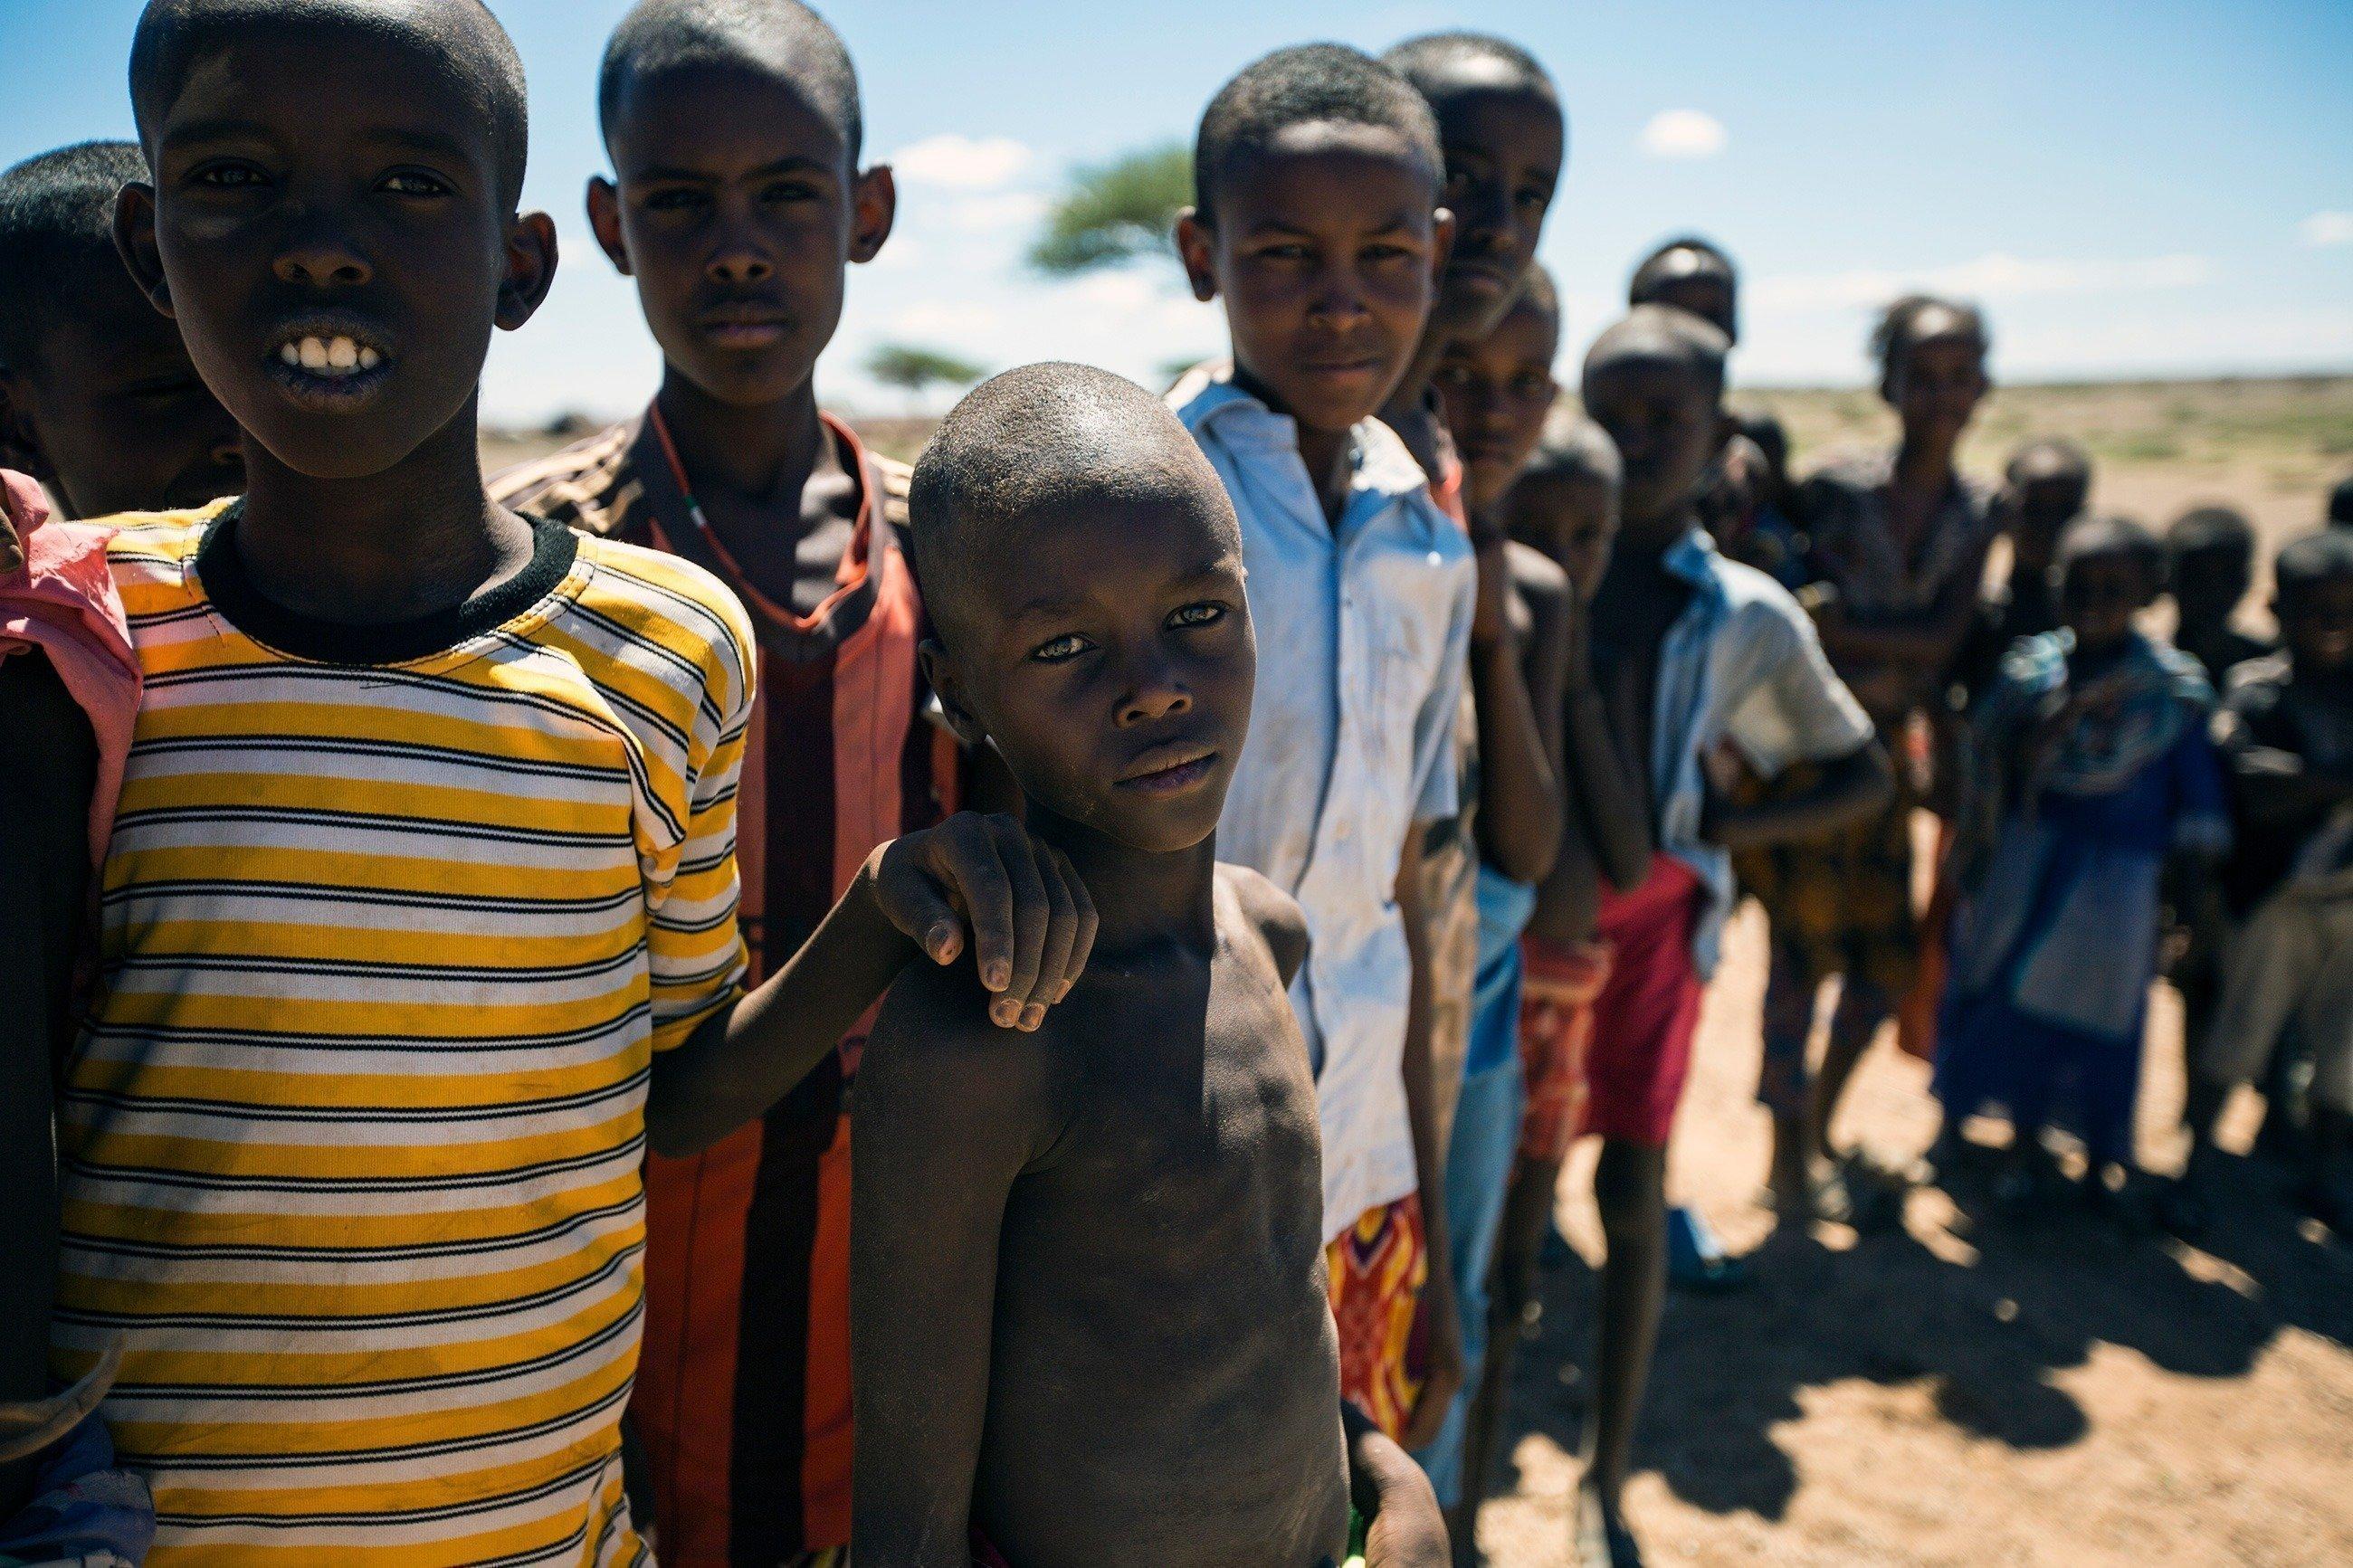 Mehrere Kinder stehen in einer Reihe und schauen in die Kamera.